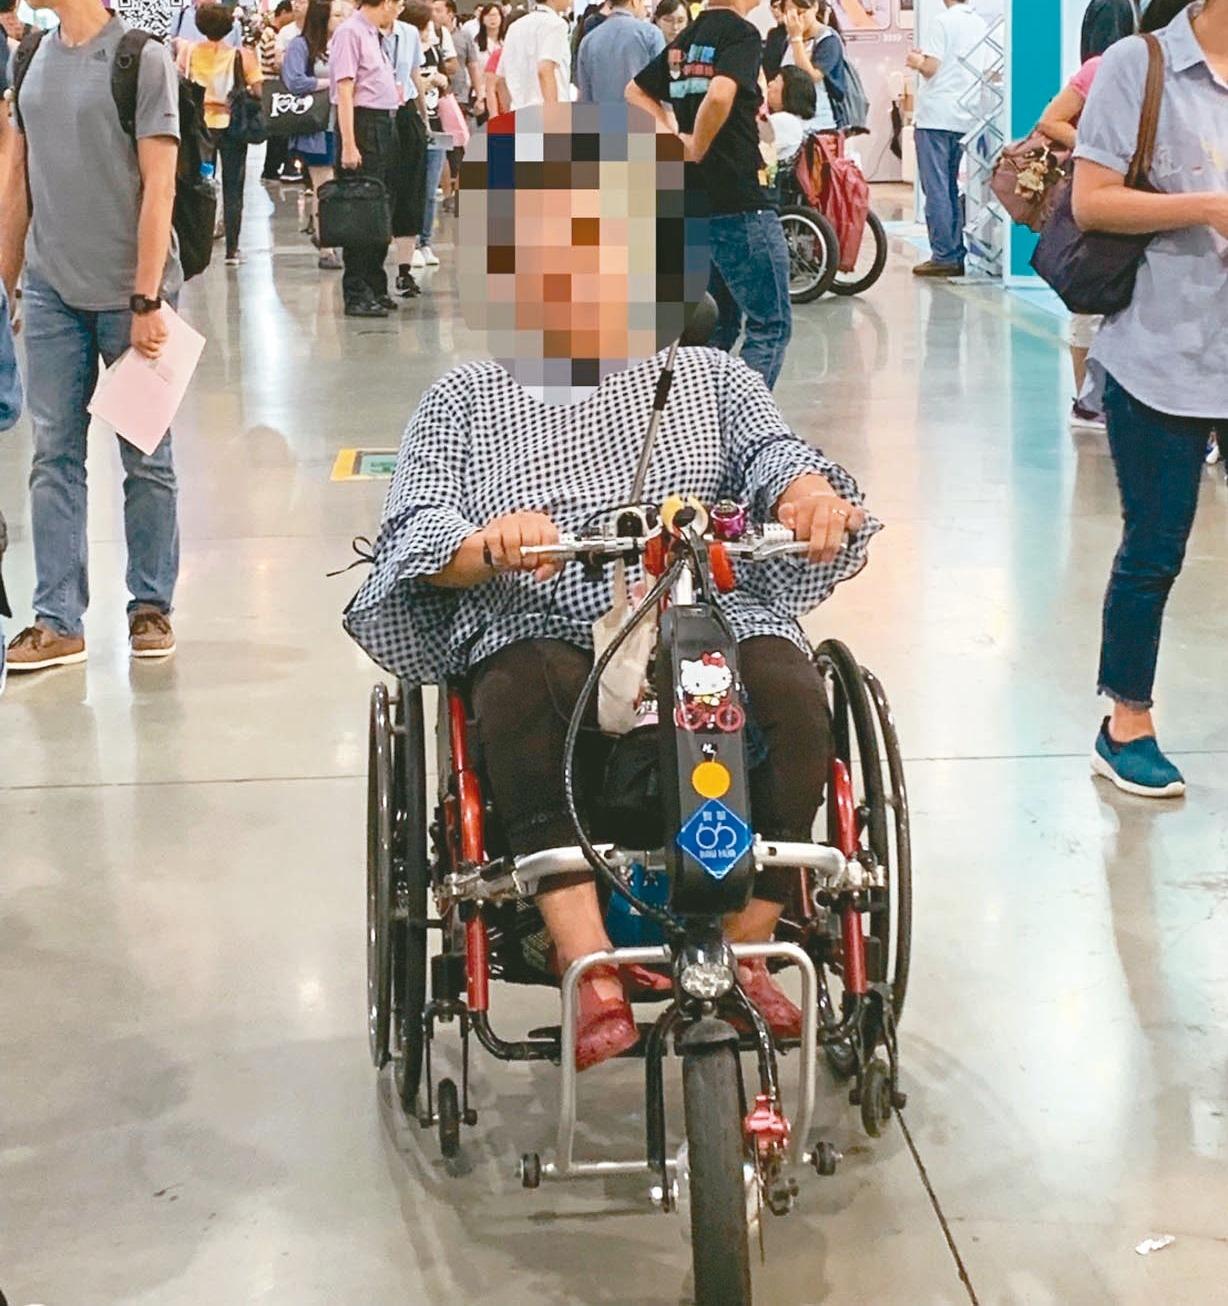 部分身障者選購手推輪椅,但加裝電動車頭,安全性堪慮。 記者陳雨鑫/攝影